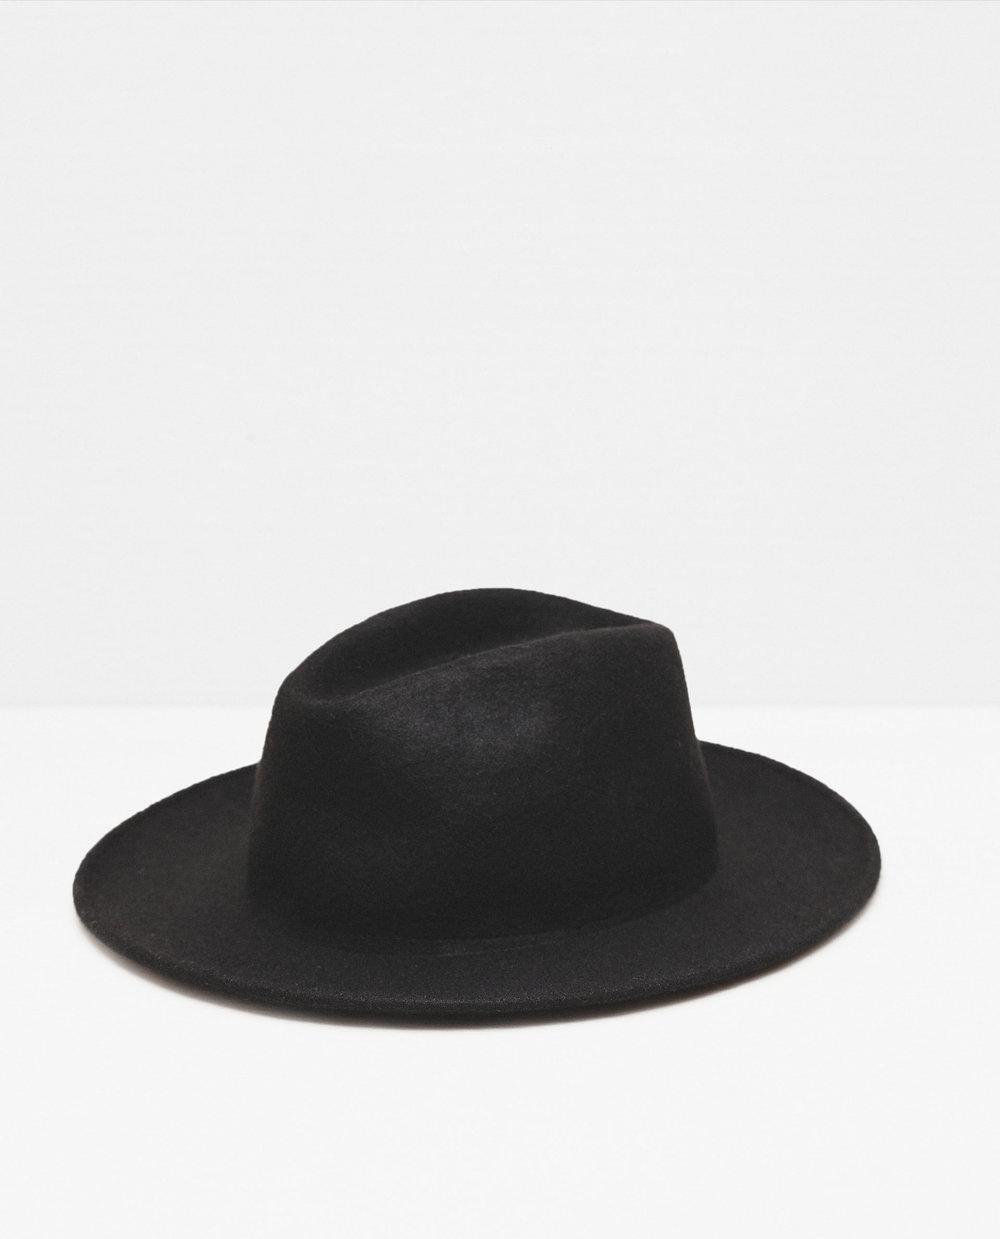 ZARA Men's Felt Hat